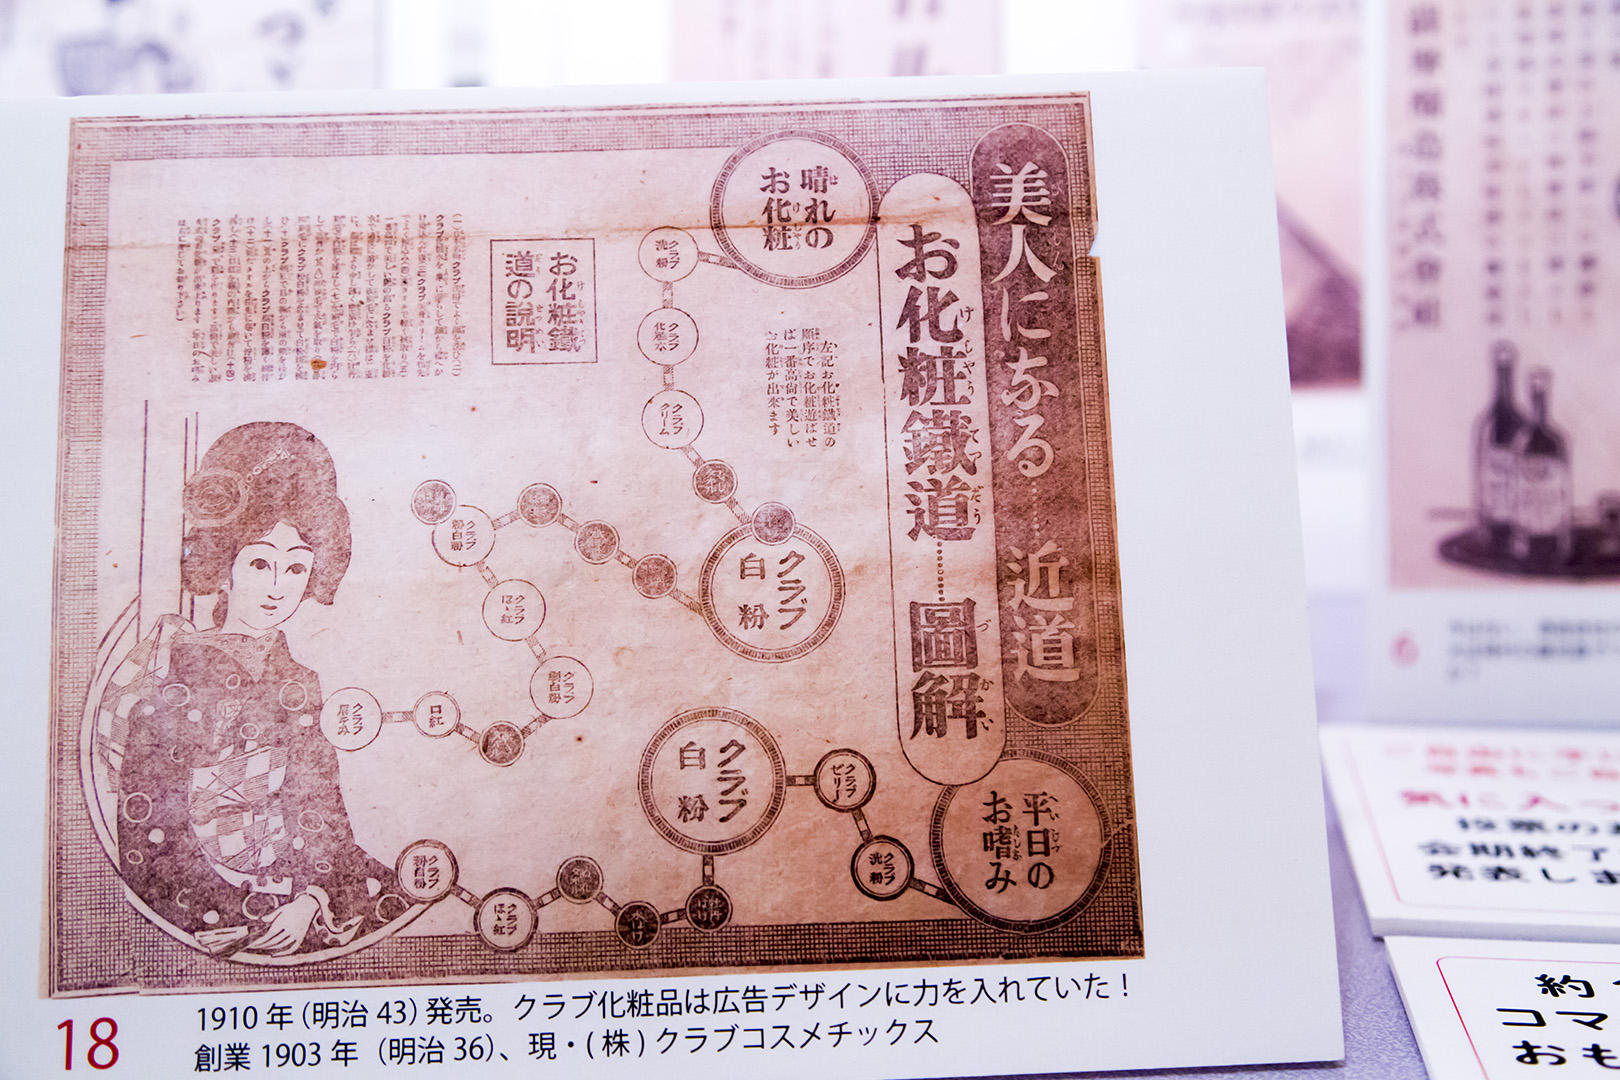 210609_taishou_cmart_pic03.jpg